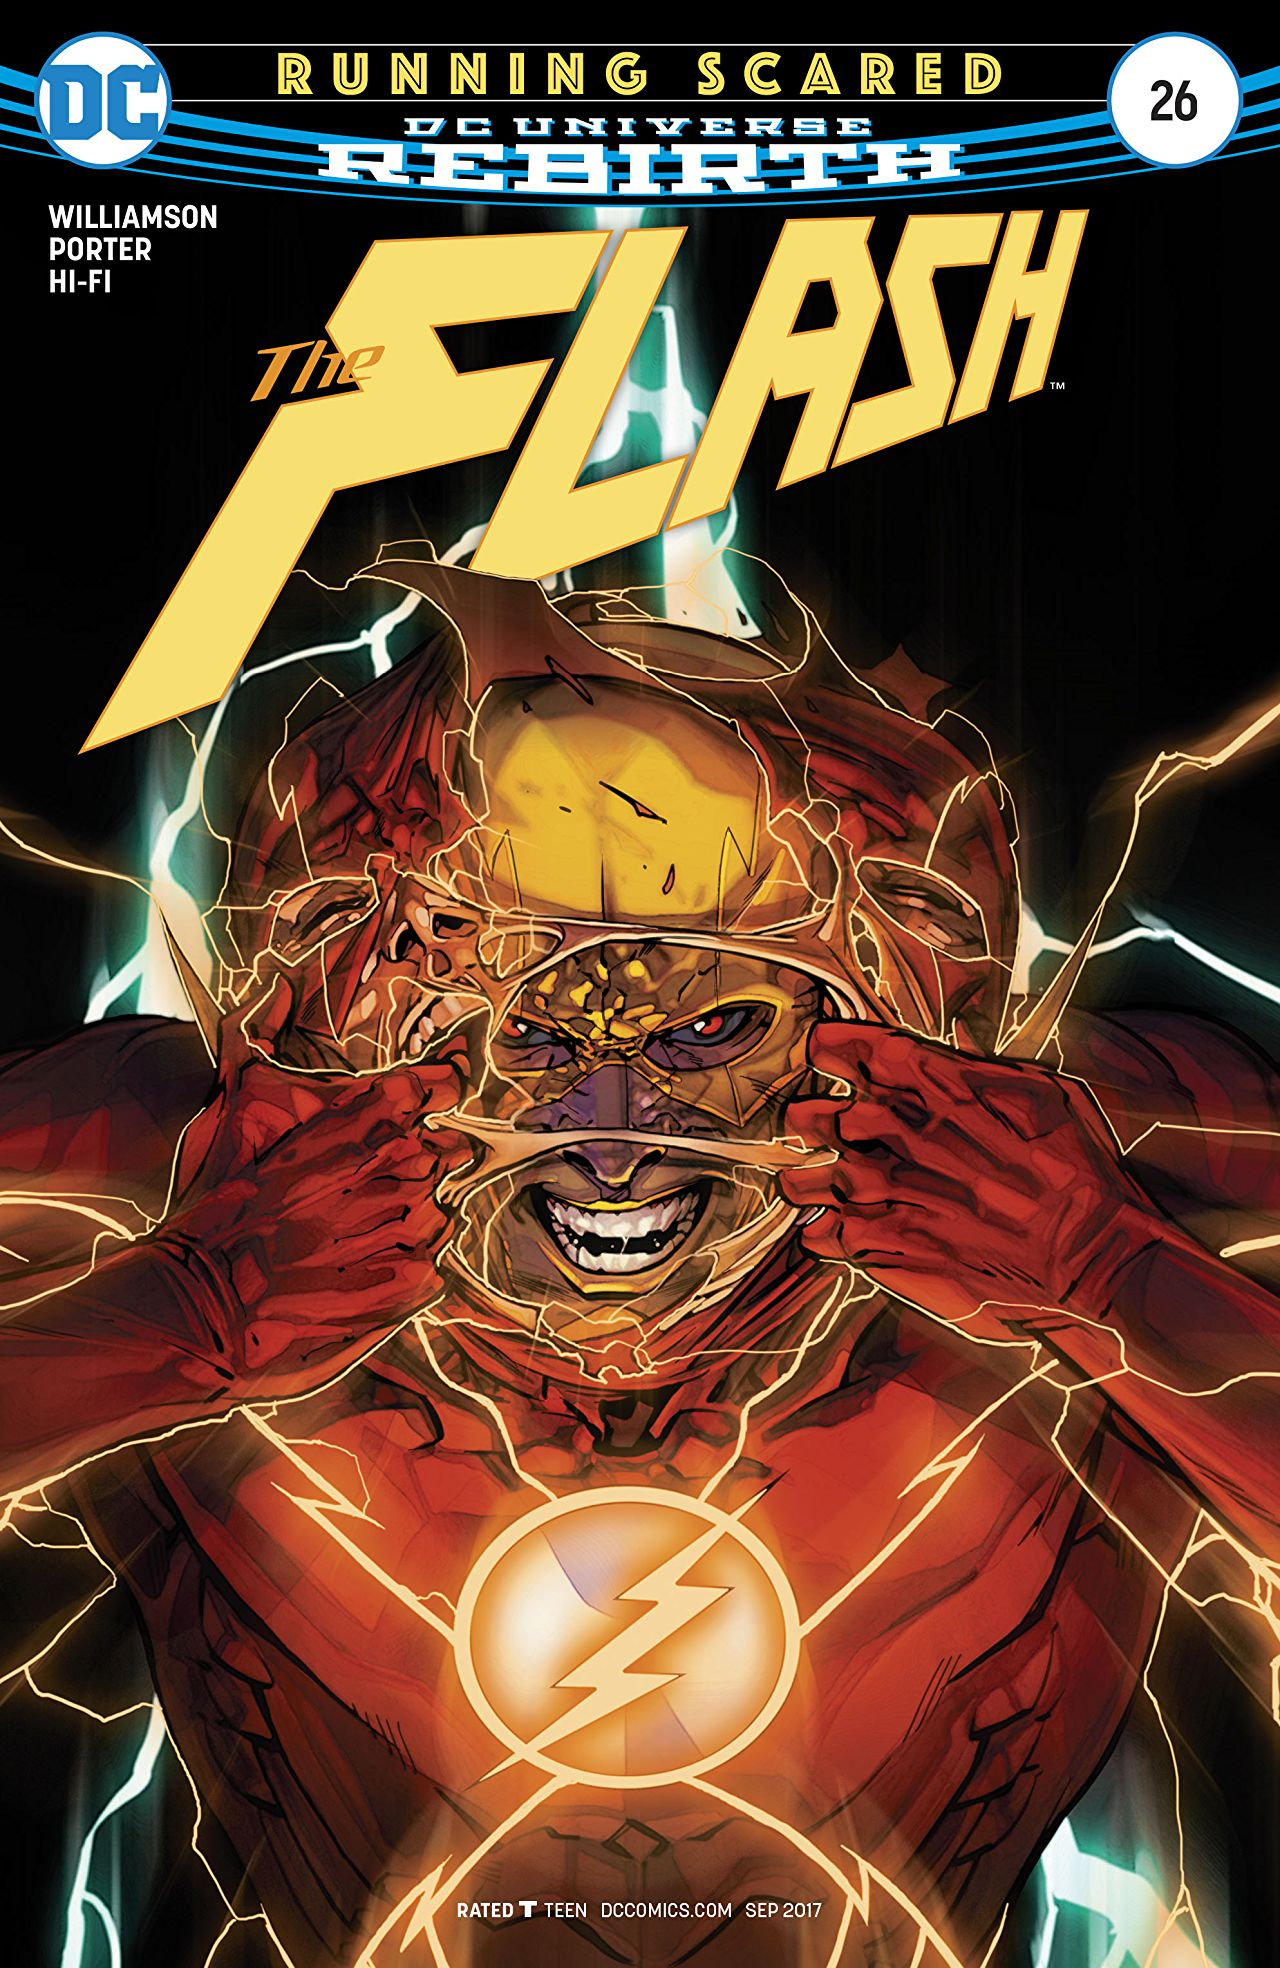 51 - Les comics que vous lisez en ce moment - Page 21 The_Flash_Vol_5_26